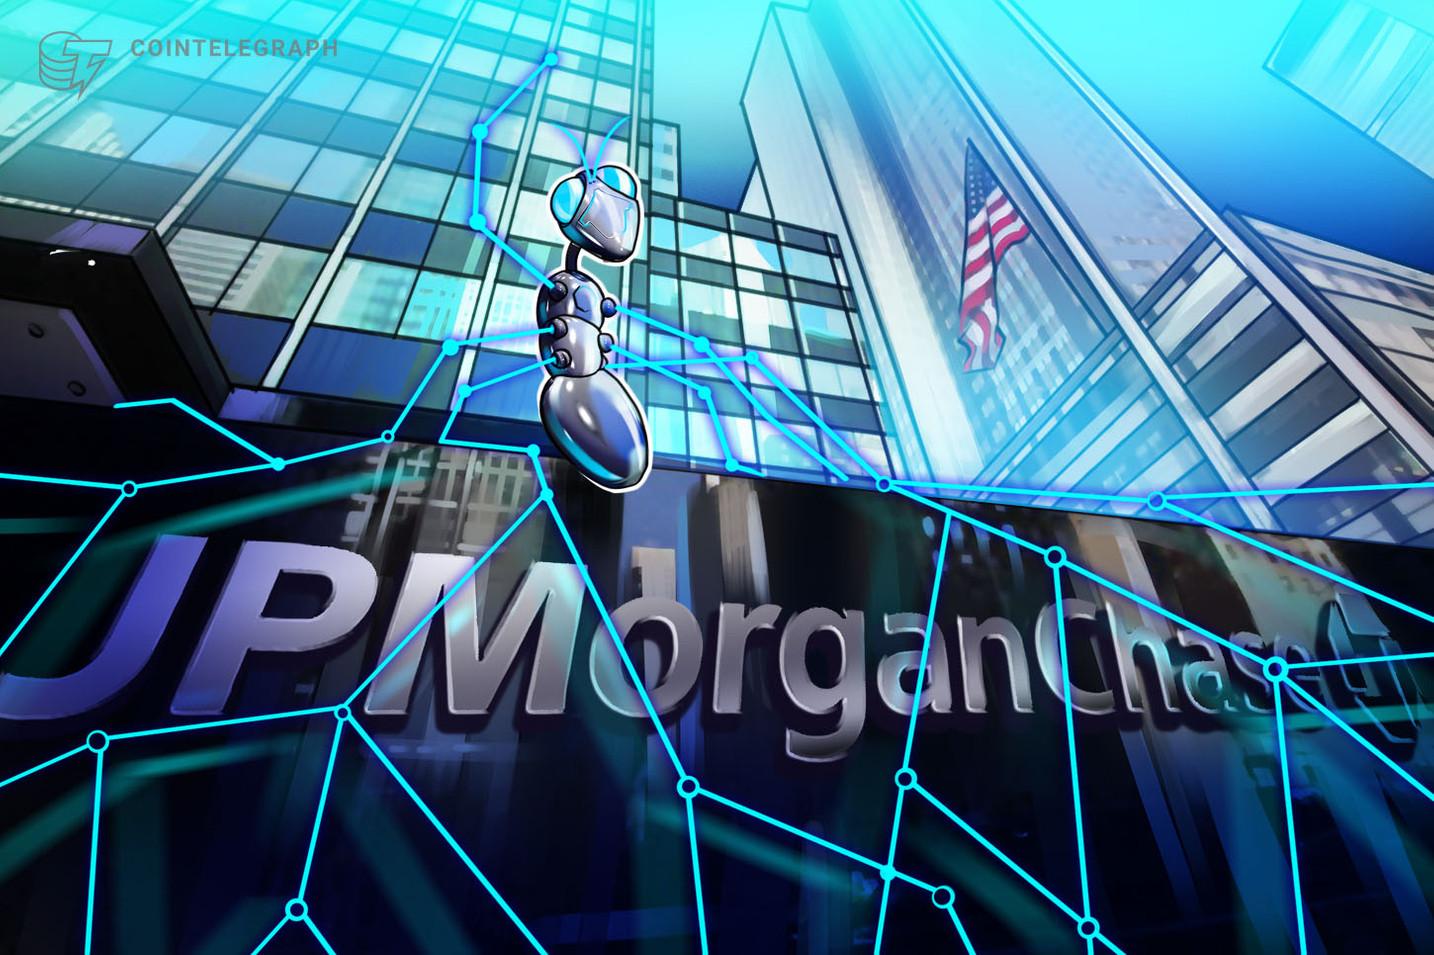 JPMorgan DLT-Tochter bringt erste hybride Blockchain heraus